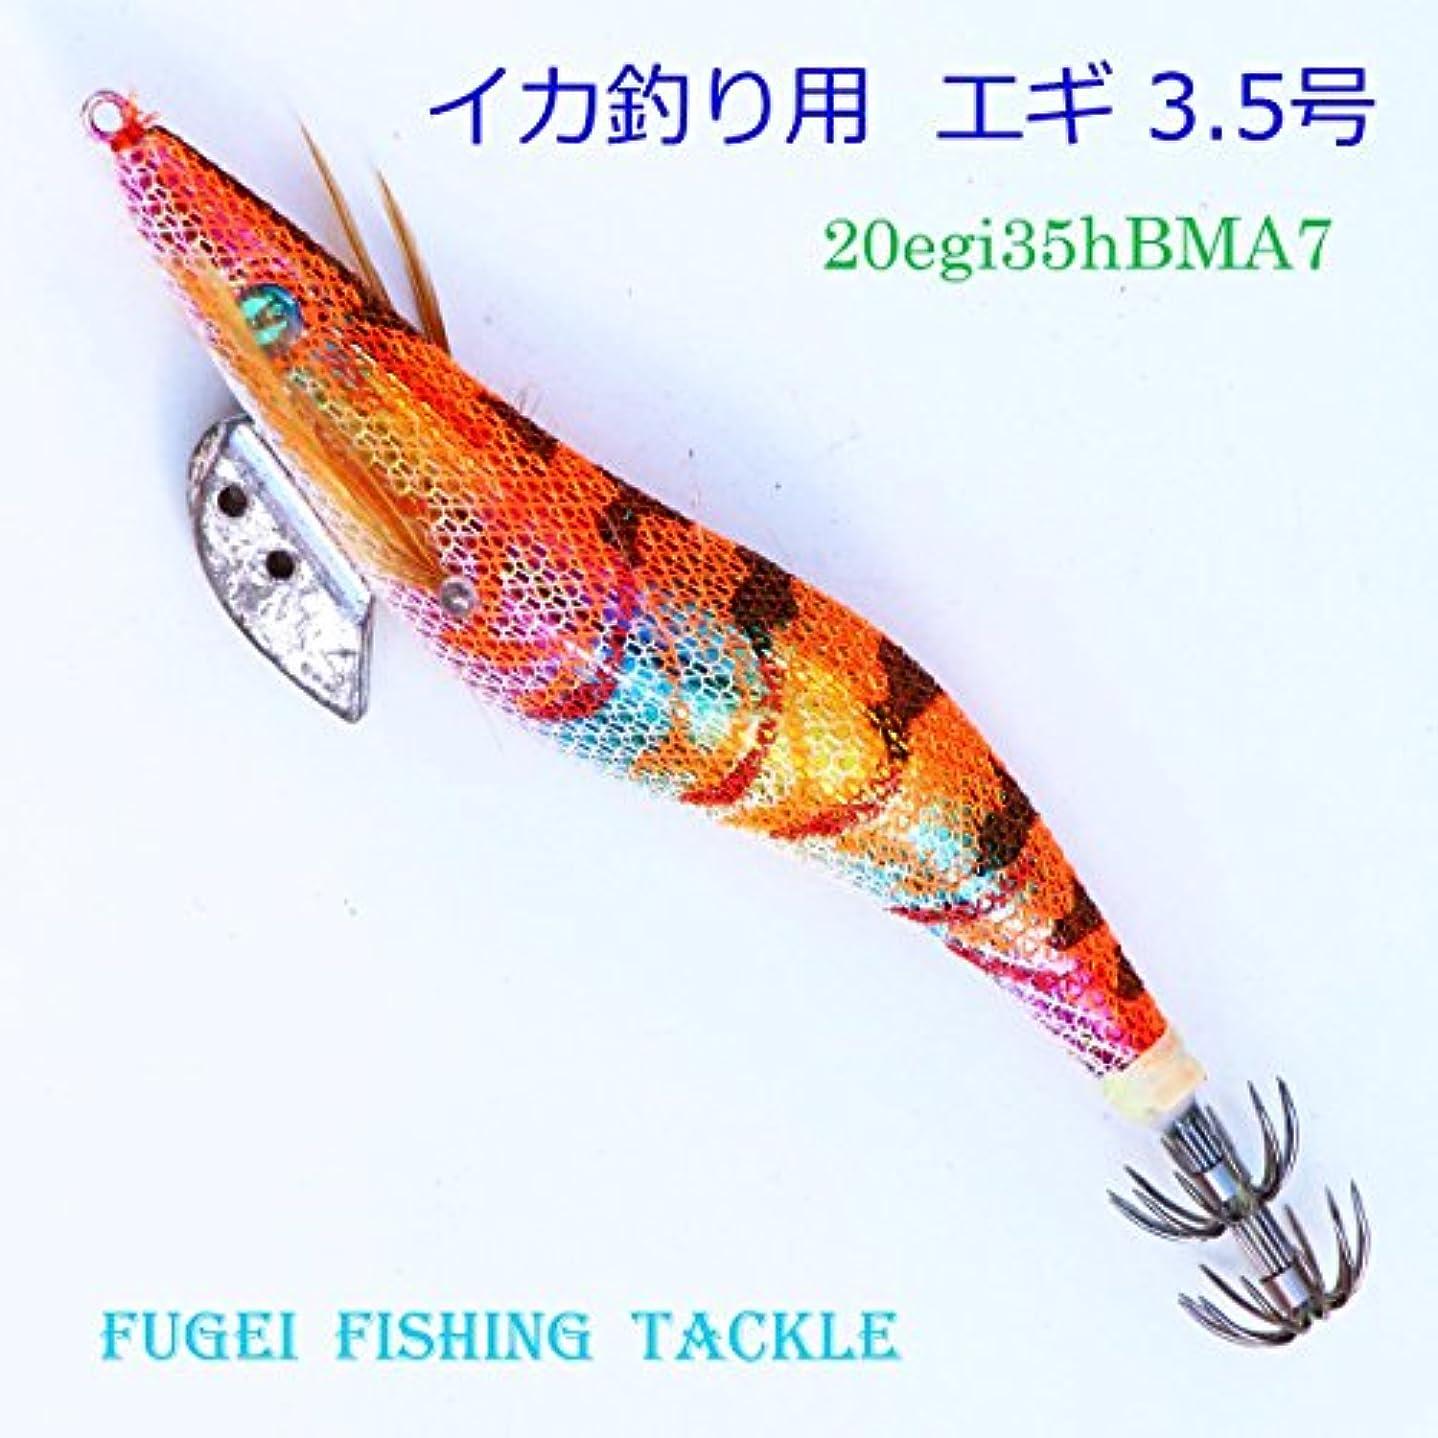 損なう口述ゲインセイNEW 3.5号 イカ釣り エギ 1カラー 20本 下地メッキ エギング 仕掛け FUGEI-A20egi35hBMA7